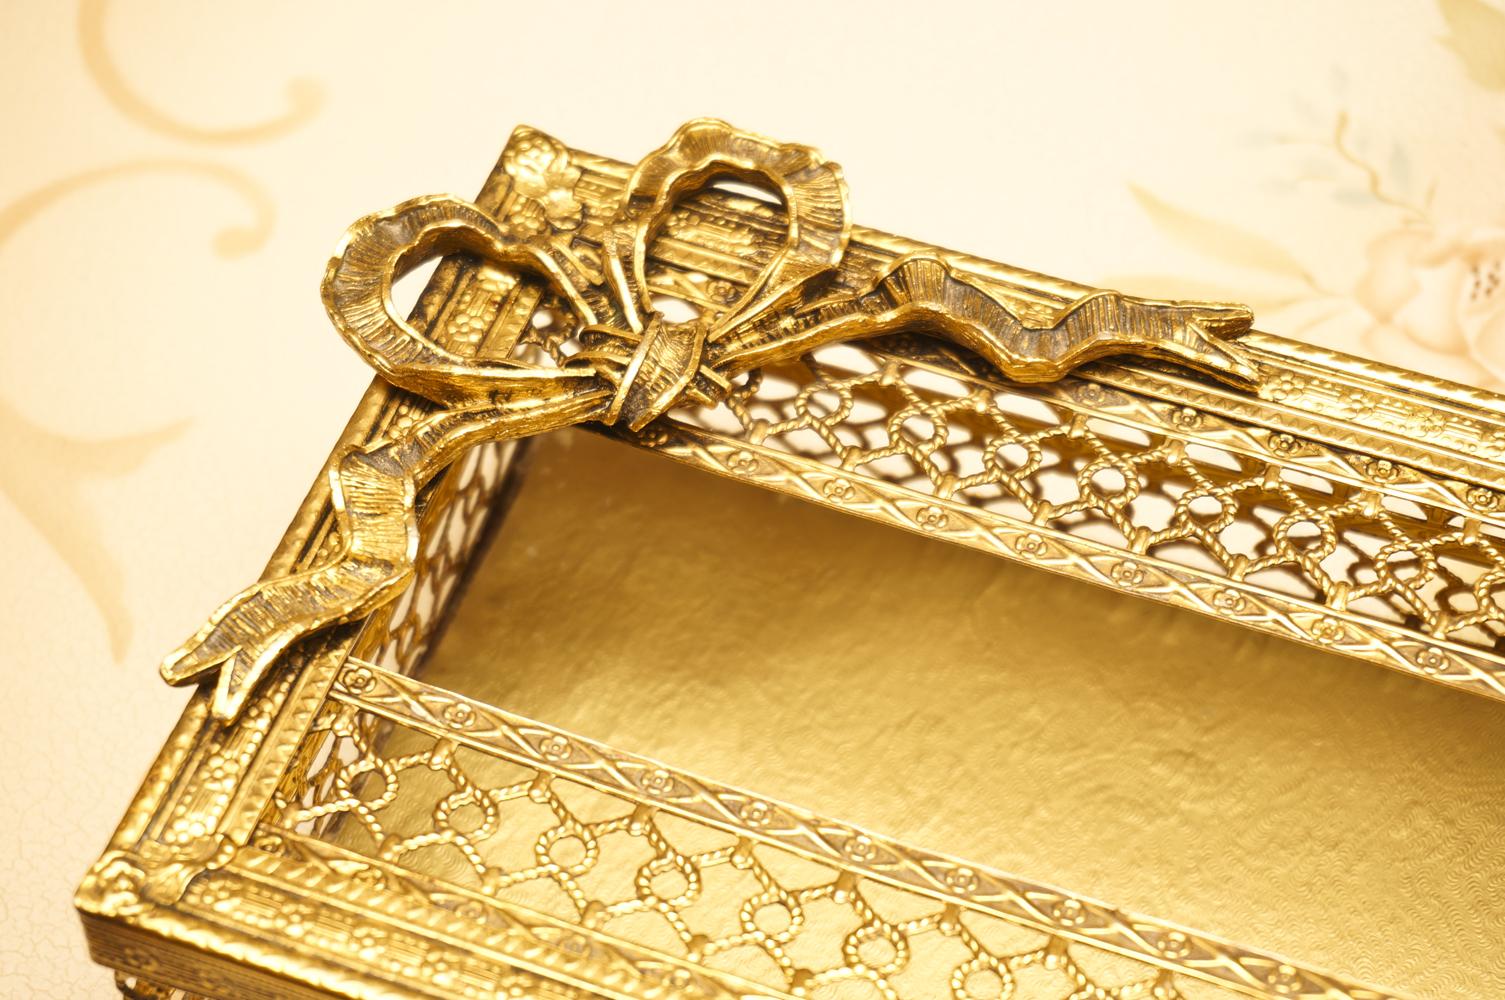 スタイルビルト製 ゴールド リボン ティッシュボックス 拡大